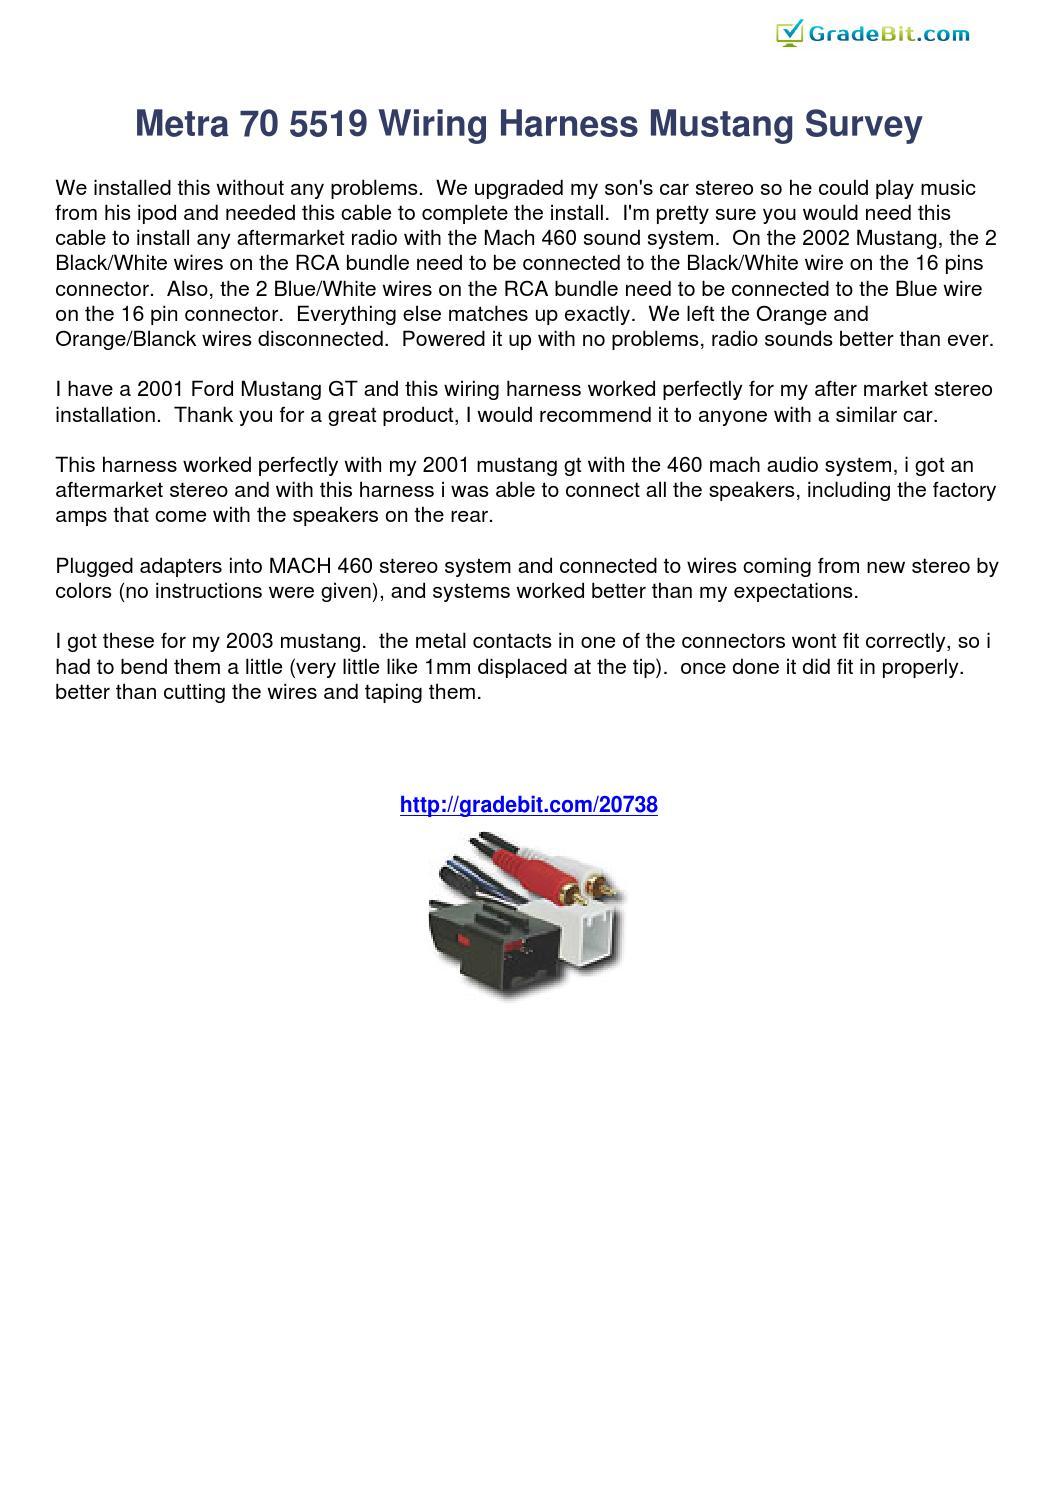 metra 70 5519 wiring harness mustang survey 20738